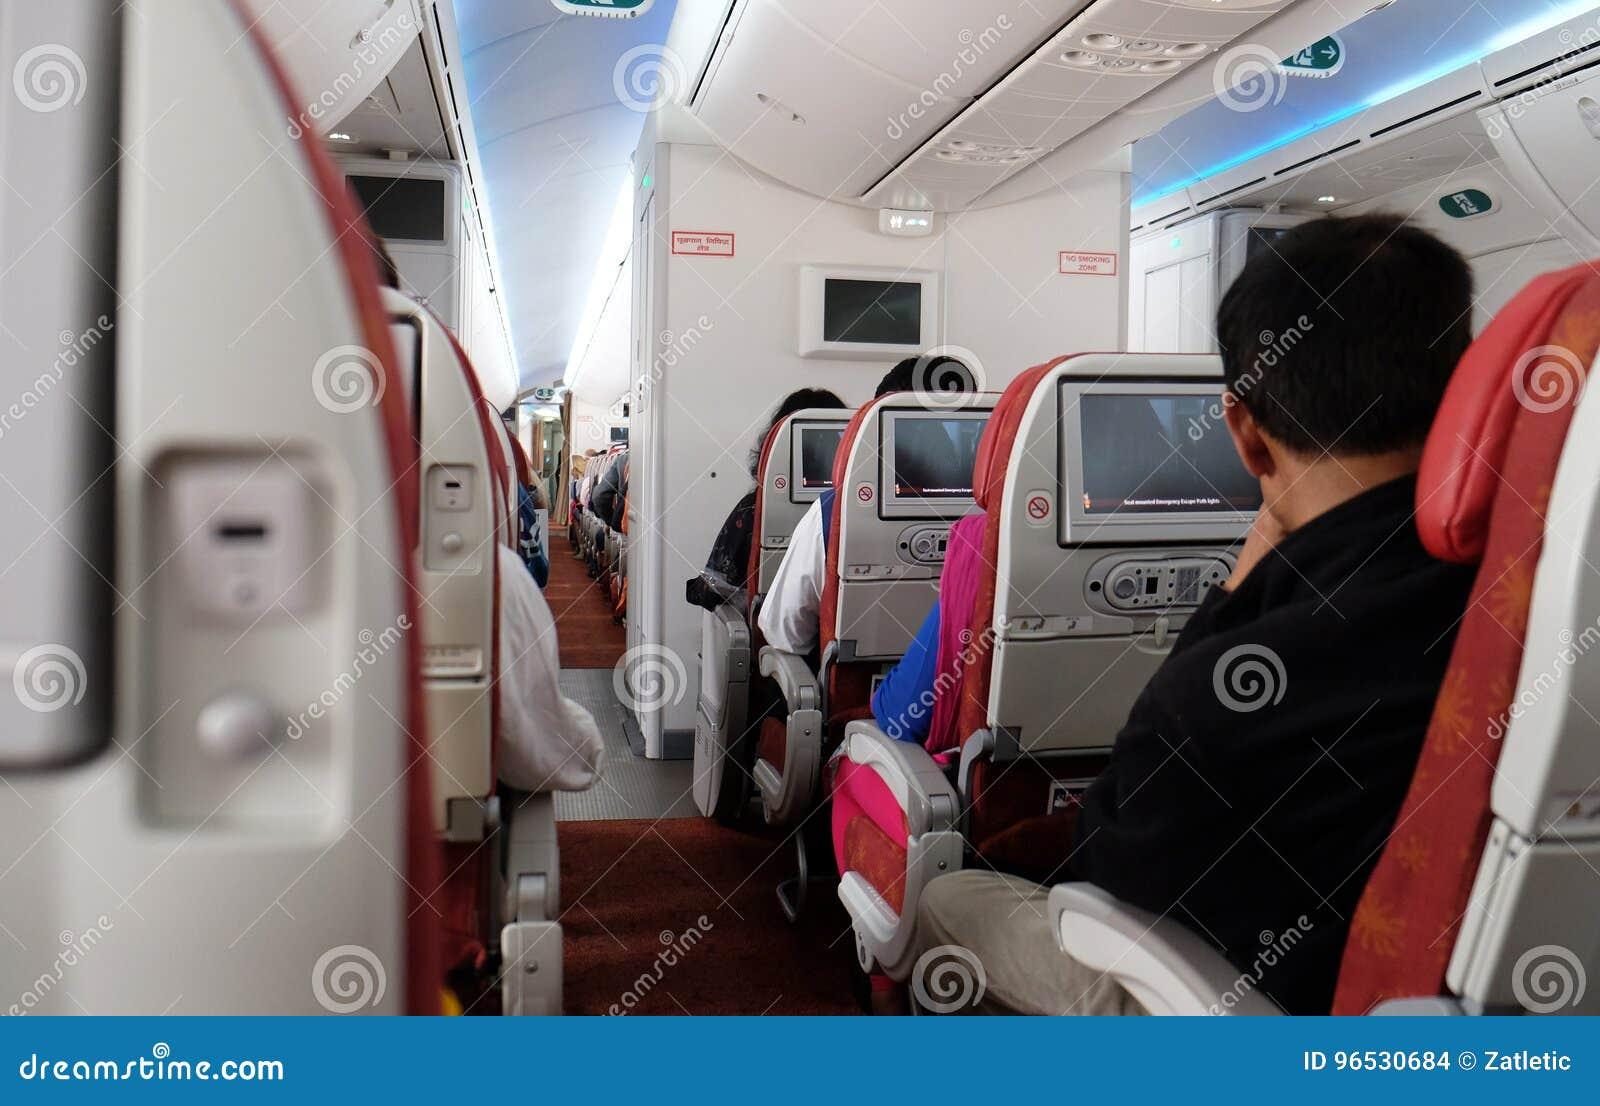 Εσωτερικό αεροπλάνων